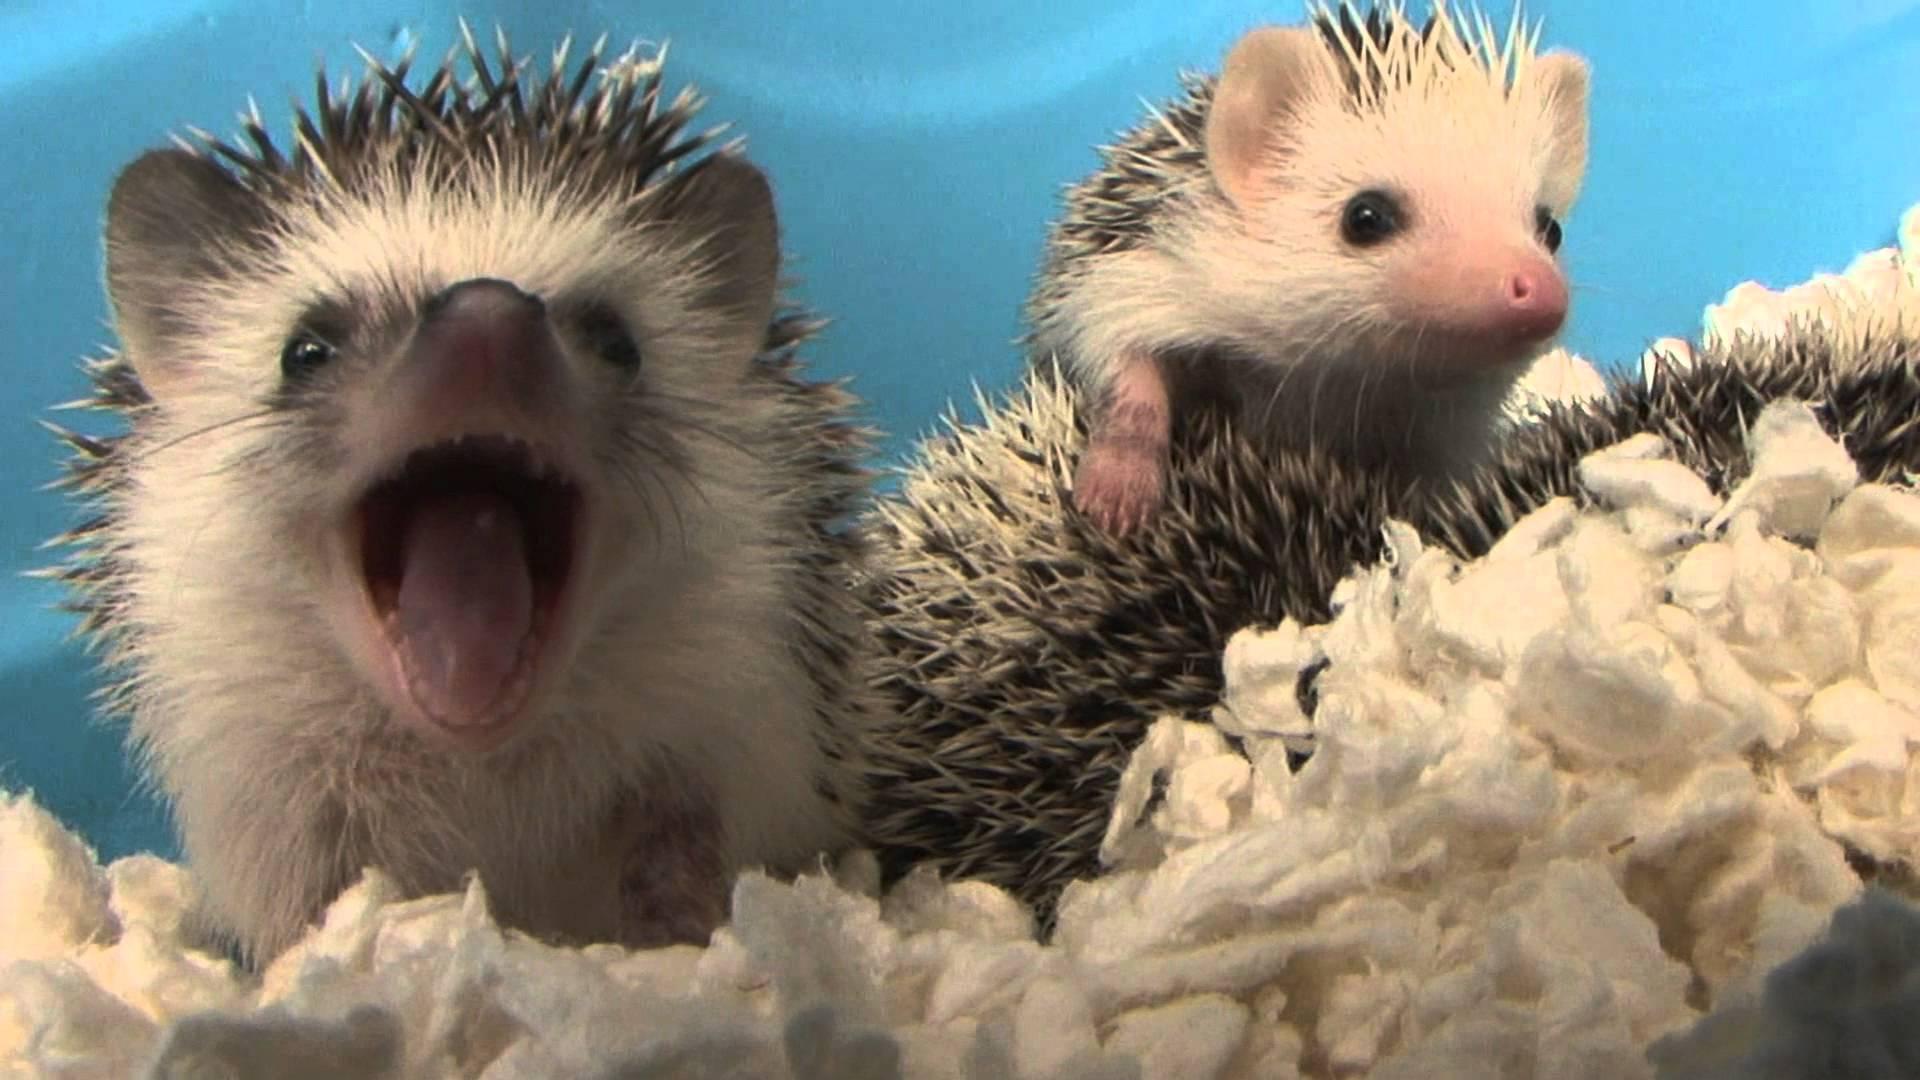 Baby Hedgehog Yawns (HD) (Original)